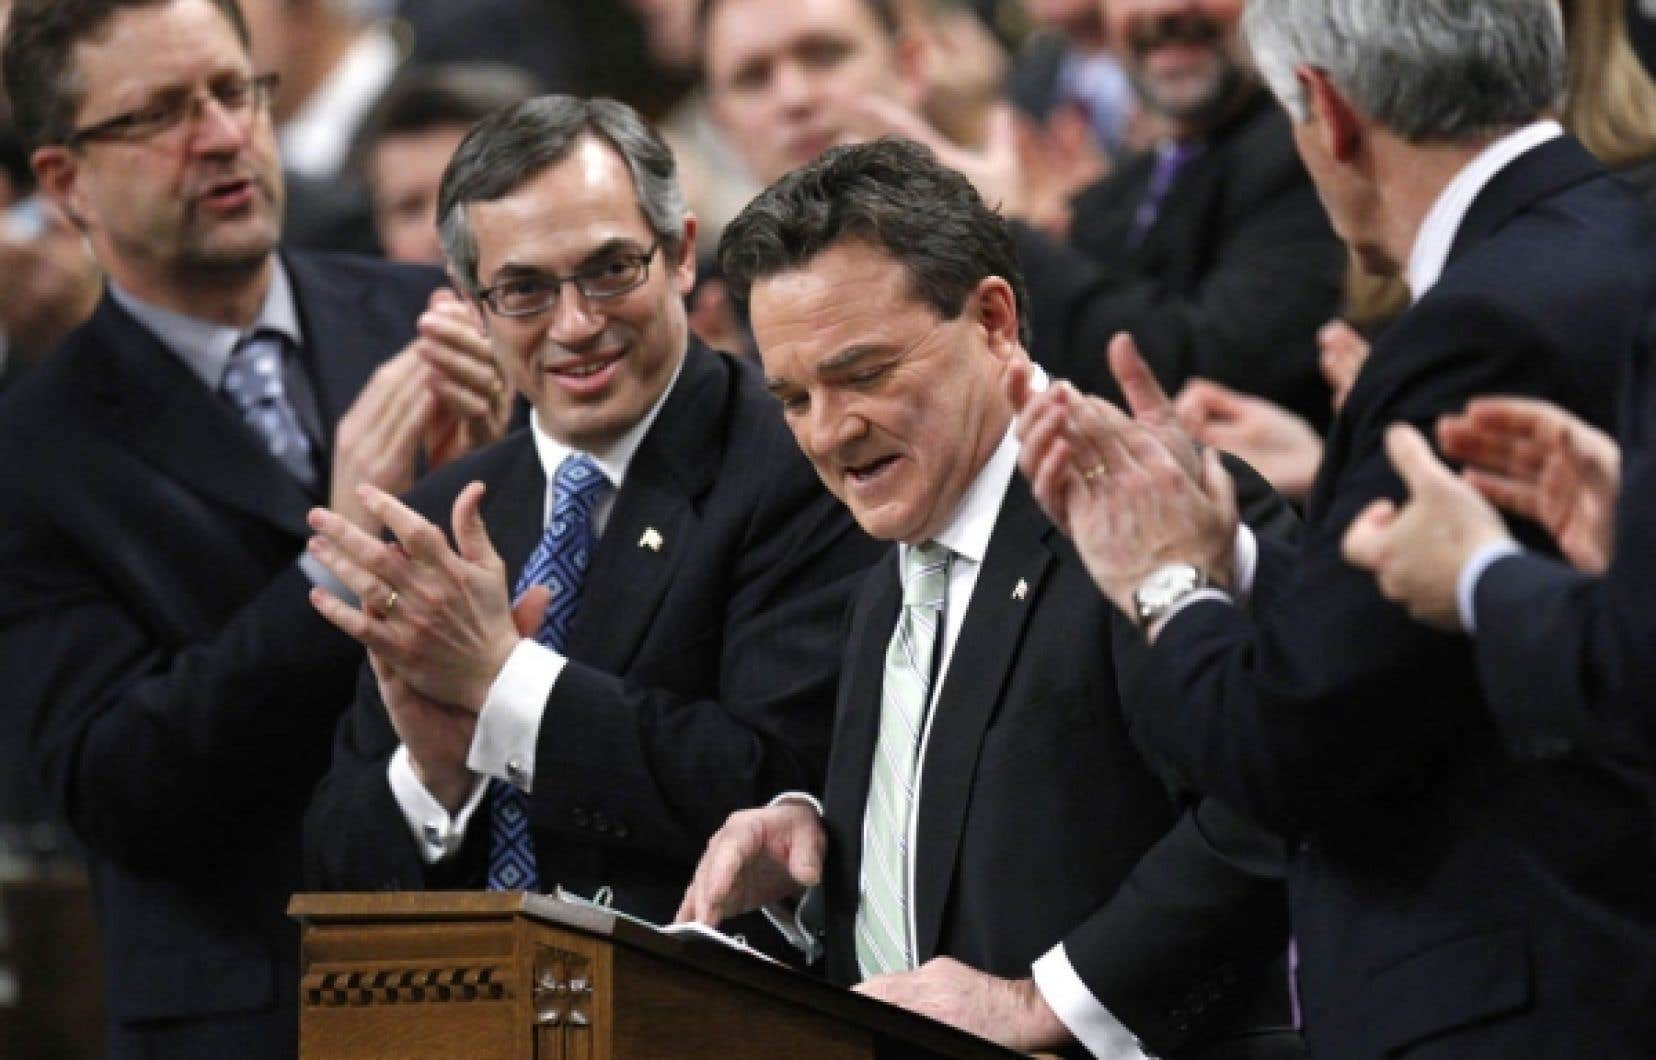 Les élus conservateurs applaudissent le ministre des Finances, Jim Flaherty.